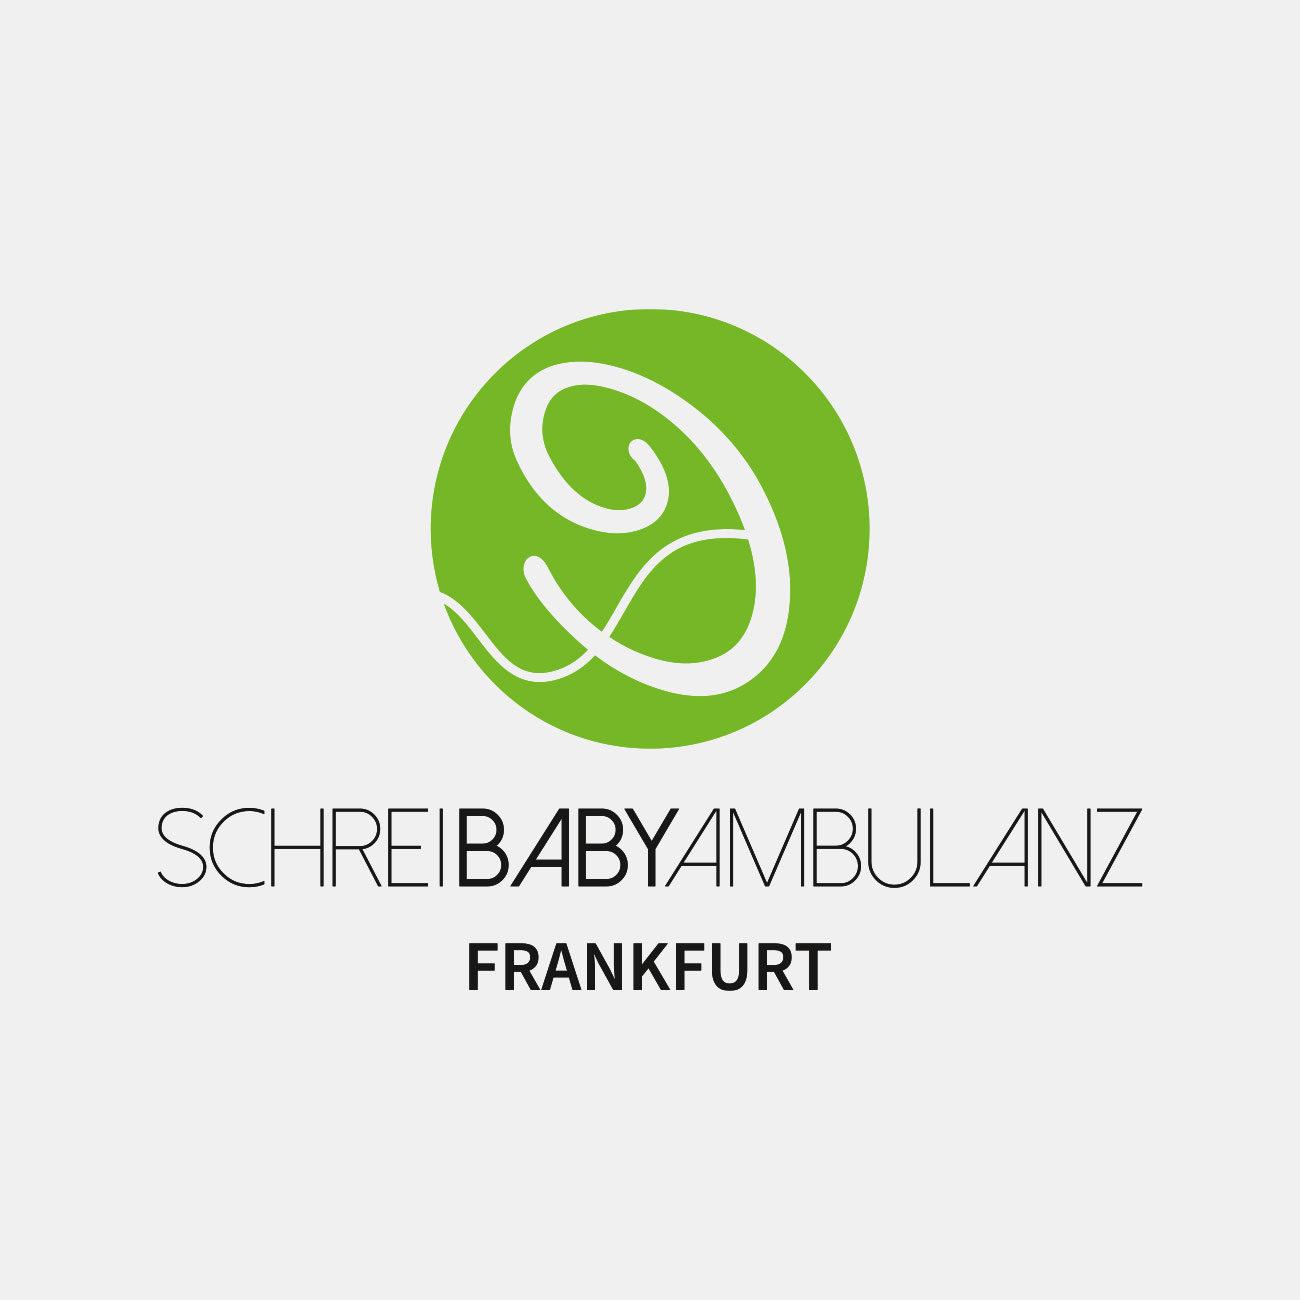 SchreiBabyAmbulanz Frankfurt Logodesign